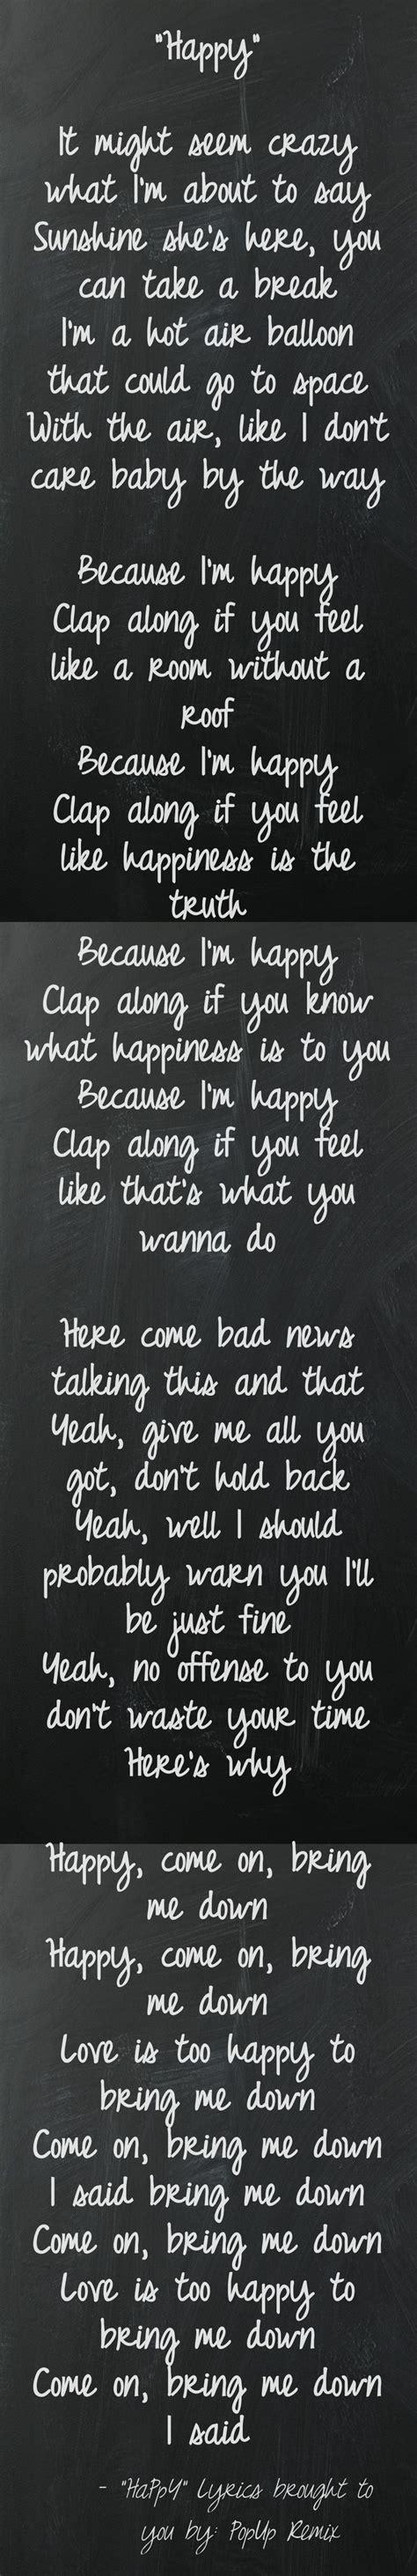 happy lyrics pharrell williams happy quotes quotesgram